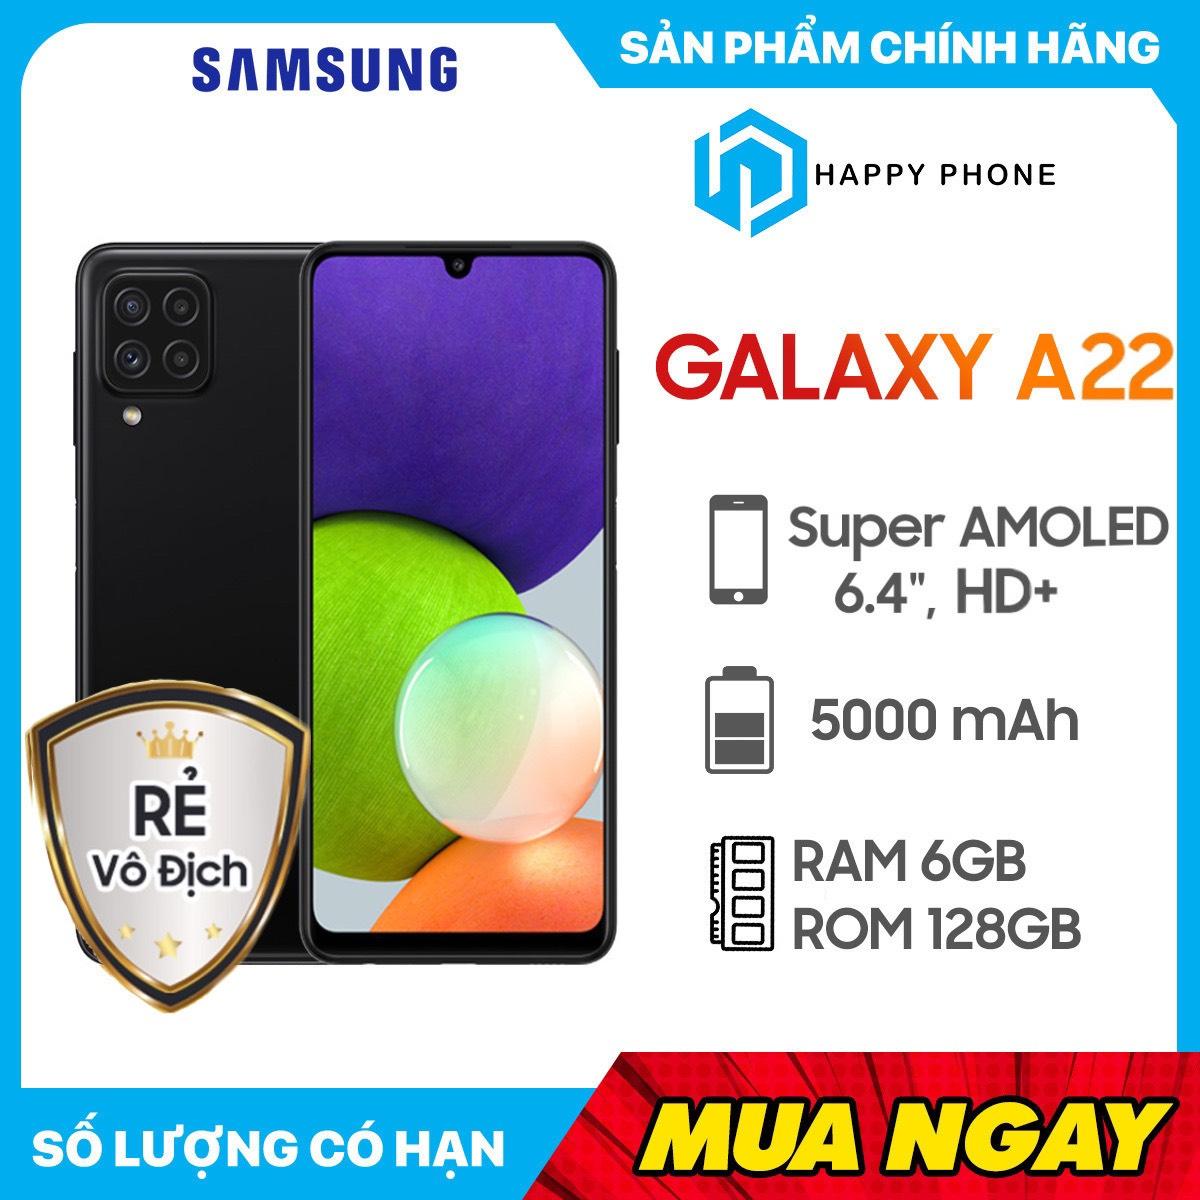 Điện thoại Samsung Galaxy A22 (6GB/128GB) - Hàng Chính Hãng, Mới 100%, Nguyên Seal | Bảo hành 12 tháng